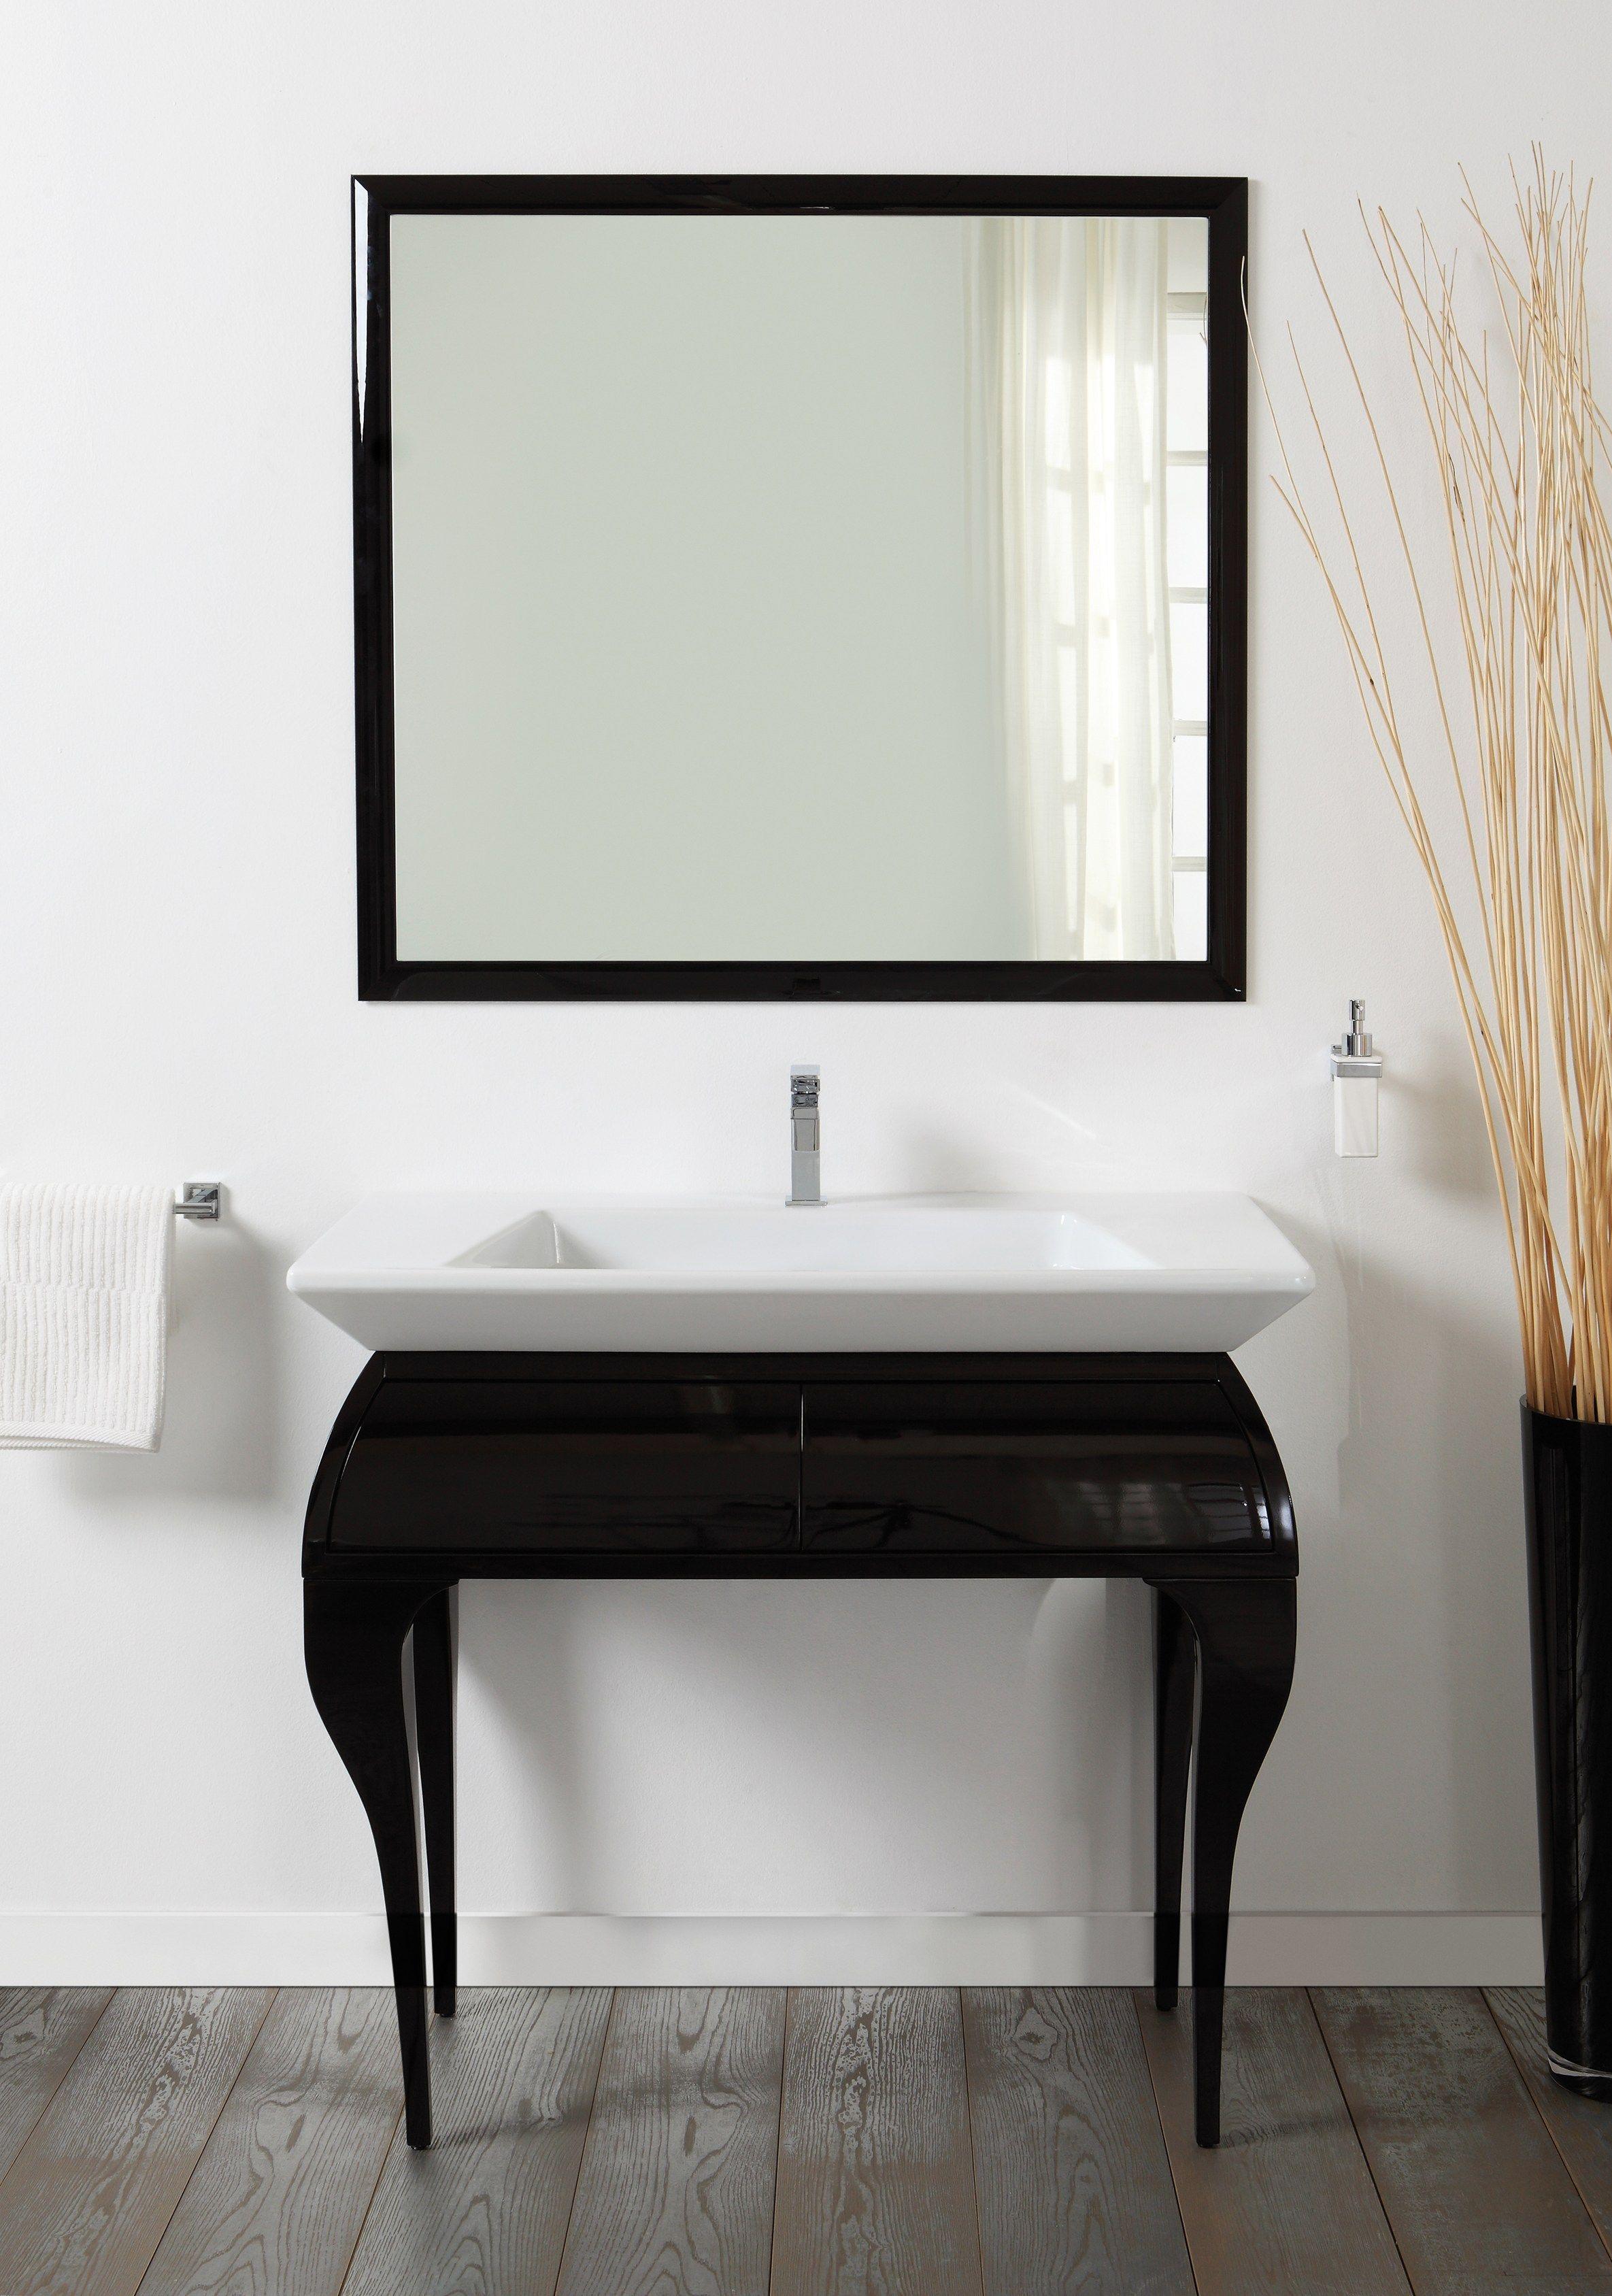 Impero style consolle lavabo by giulini g rubinetteria - Bagno stile impero ...